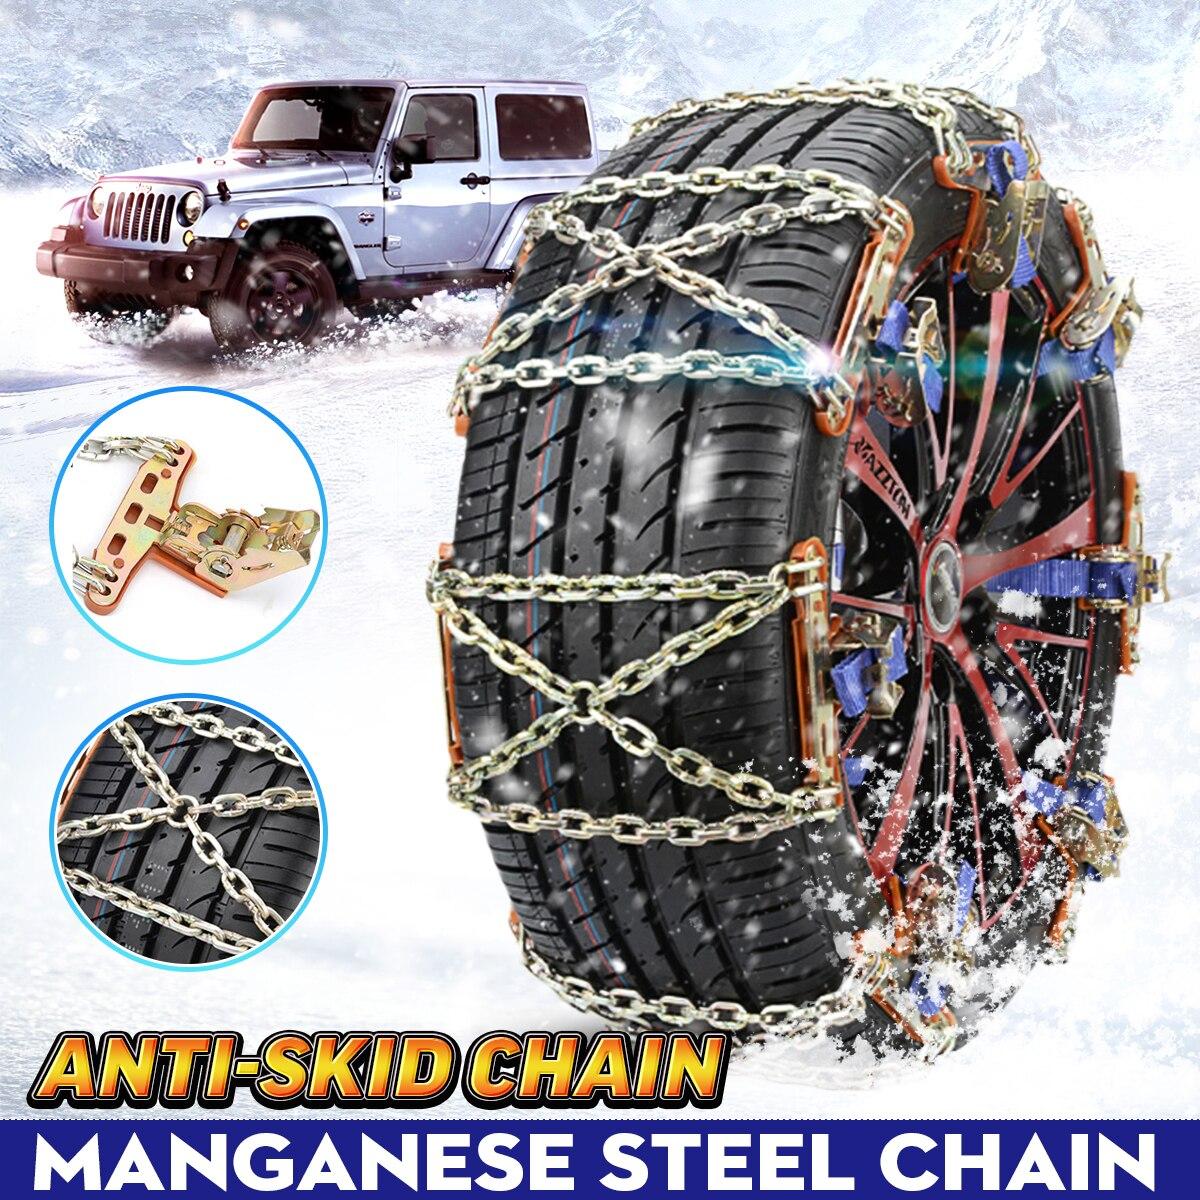 Universal Stahl Lkw Auto Räder Reifen Reifen Schnee Eis Ketten Gürtel Winter Anti-skid Fahrzeuge SUV Rad Kette Schlamm straße Sicher Sicherheit